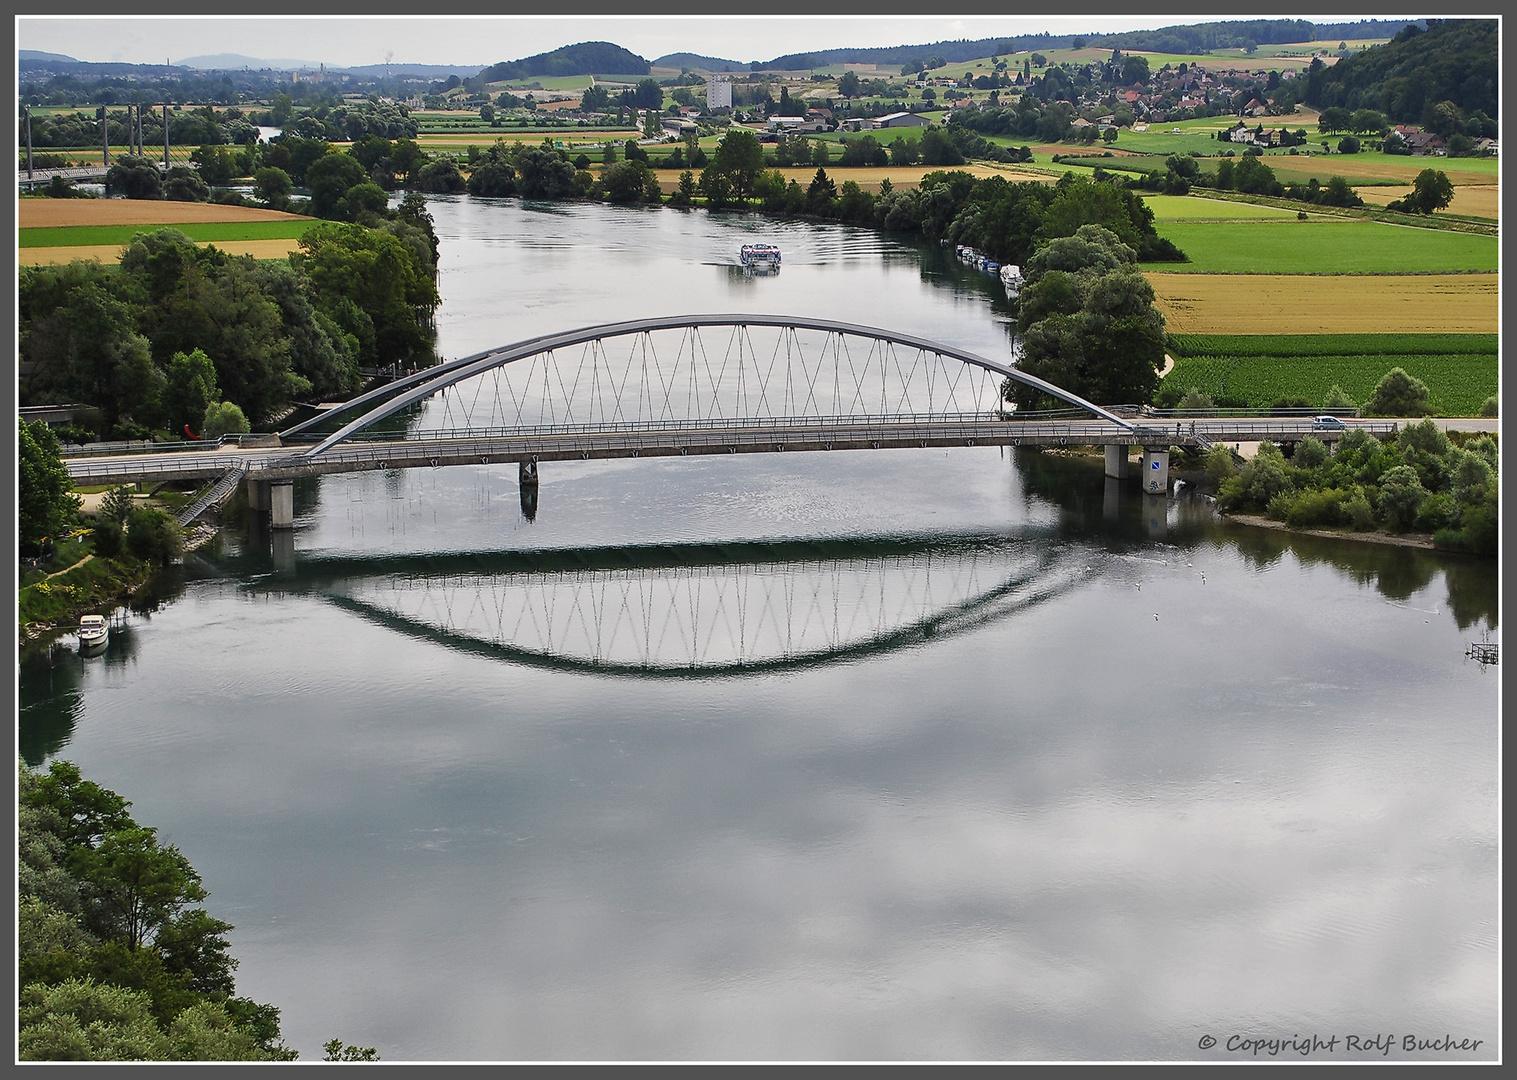 Die Archbrücke Grenchen-Arch